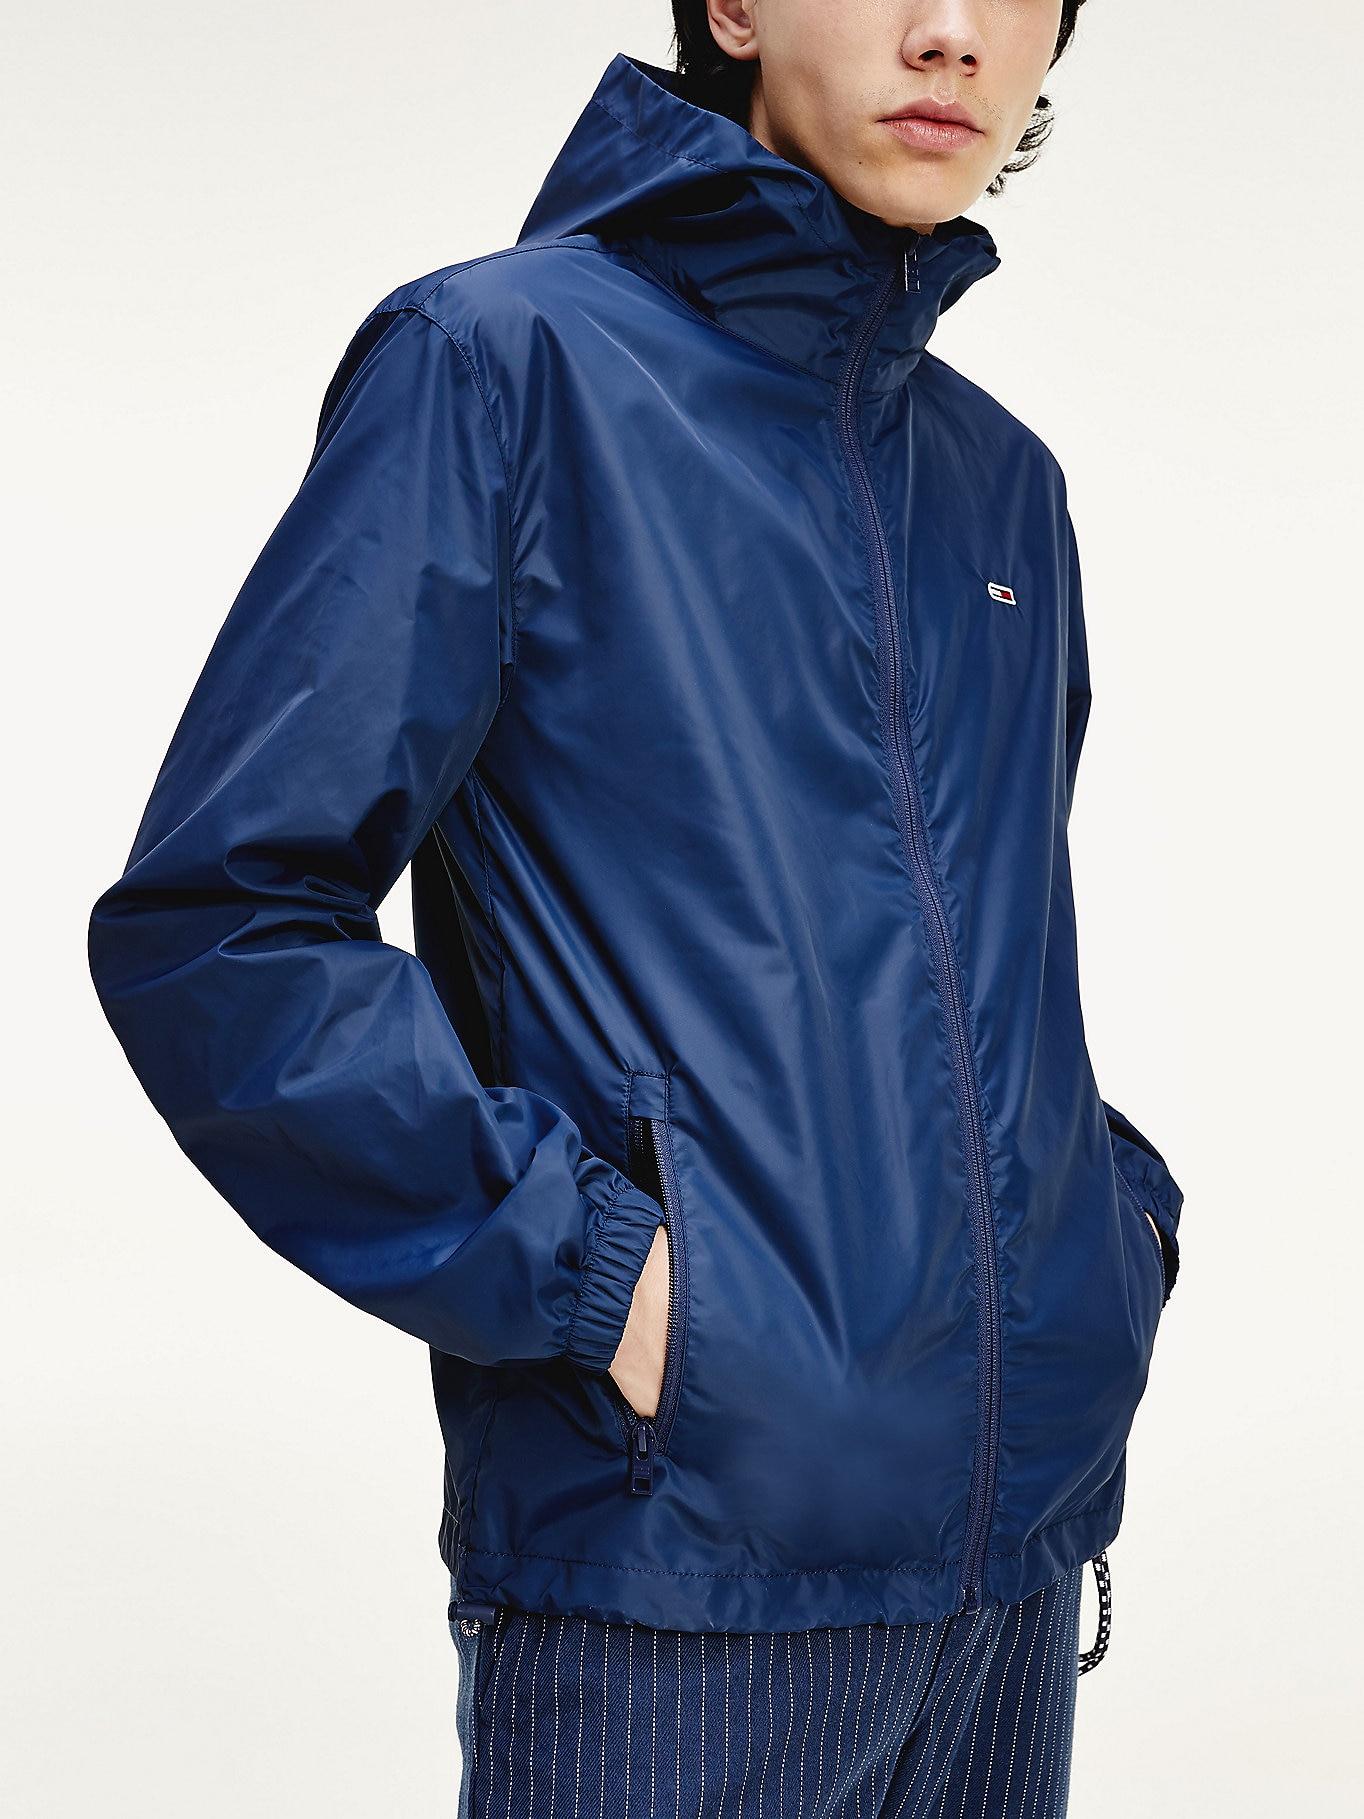 Tommy Hilfiger Mens Packable Hooded Windbreaker Jacket (3 Colours) - £48.90 Delivered @ Tommy Hilfiger